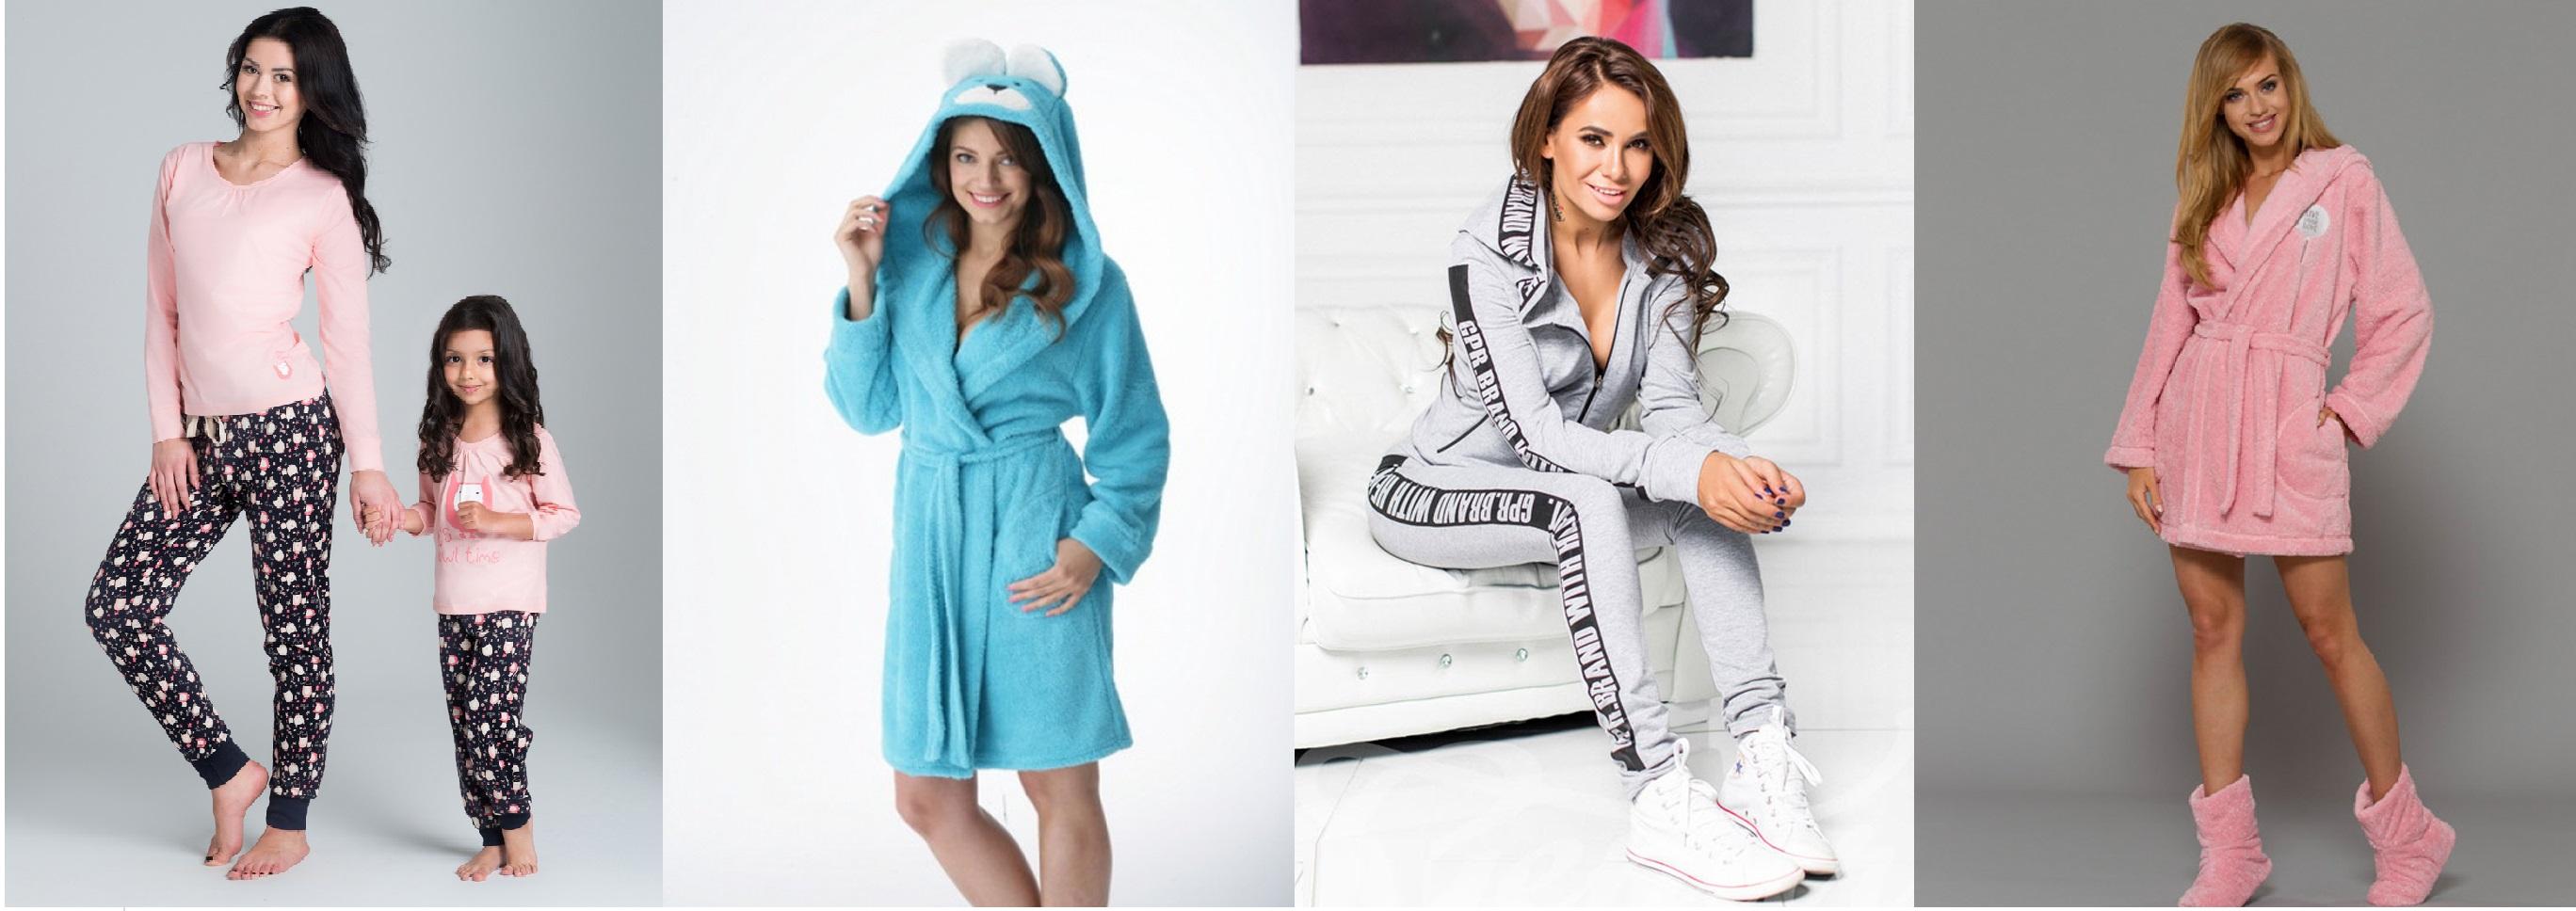 Женские пижамы халаты костюмы Rossli Dorota Gepur L&L купить интернет-магазин Киев